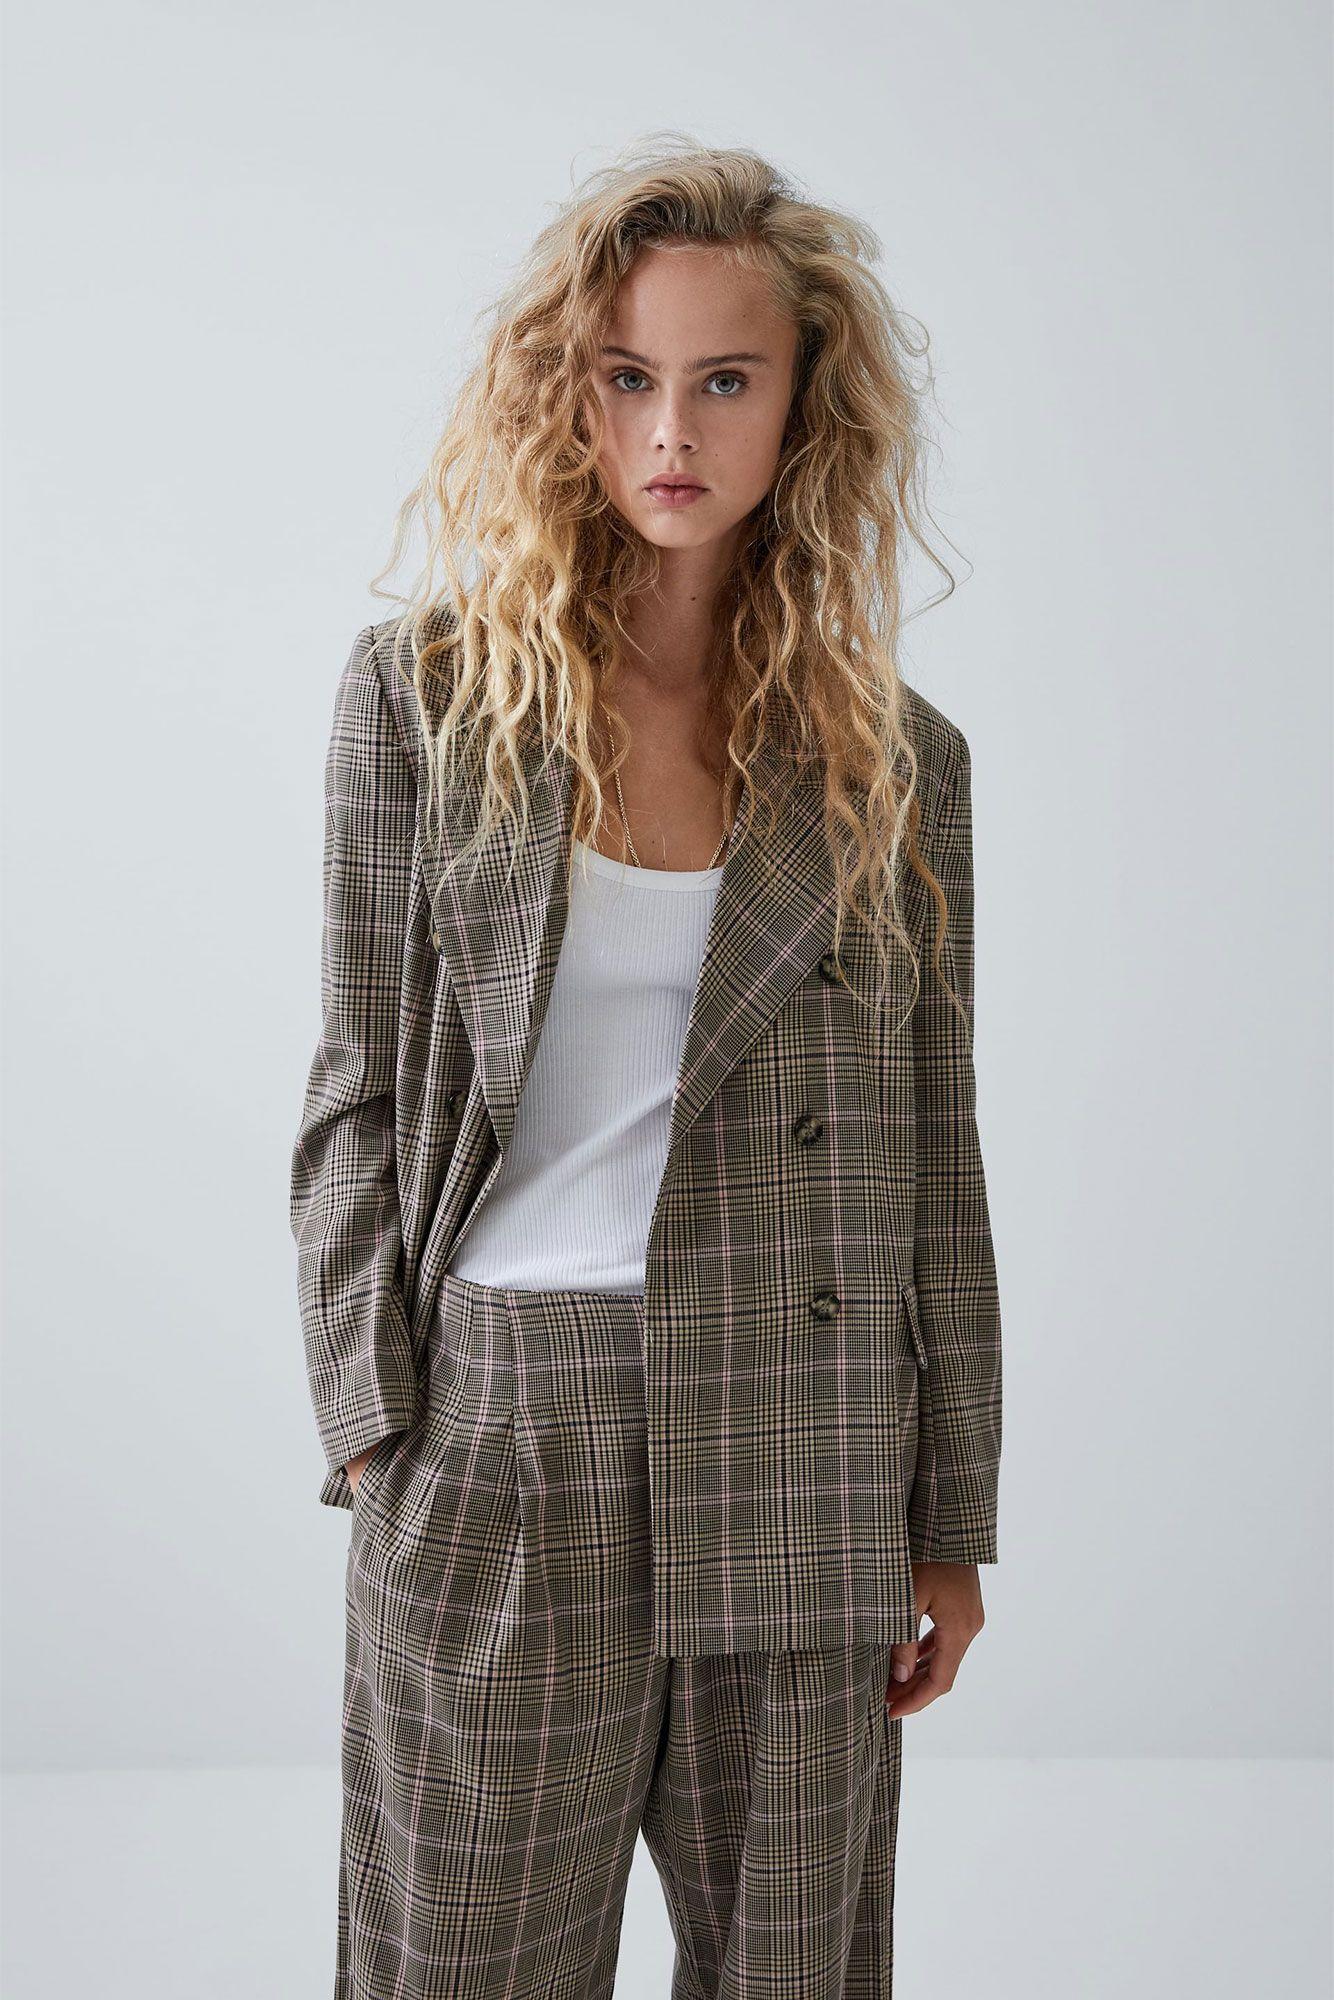 especial para zapato profesional elige lo último Este traje oversize de cuadros de Zara será lo más este otoño